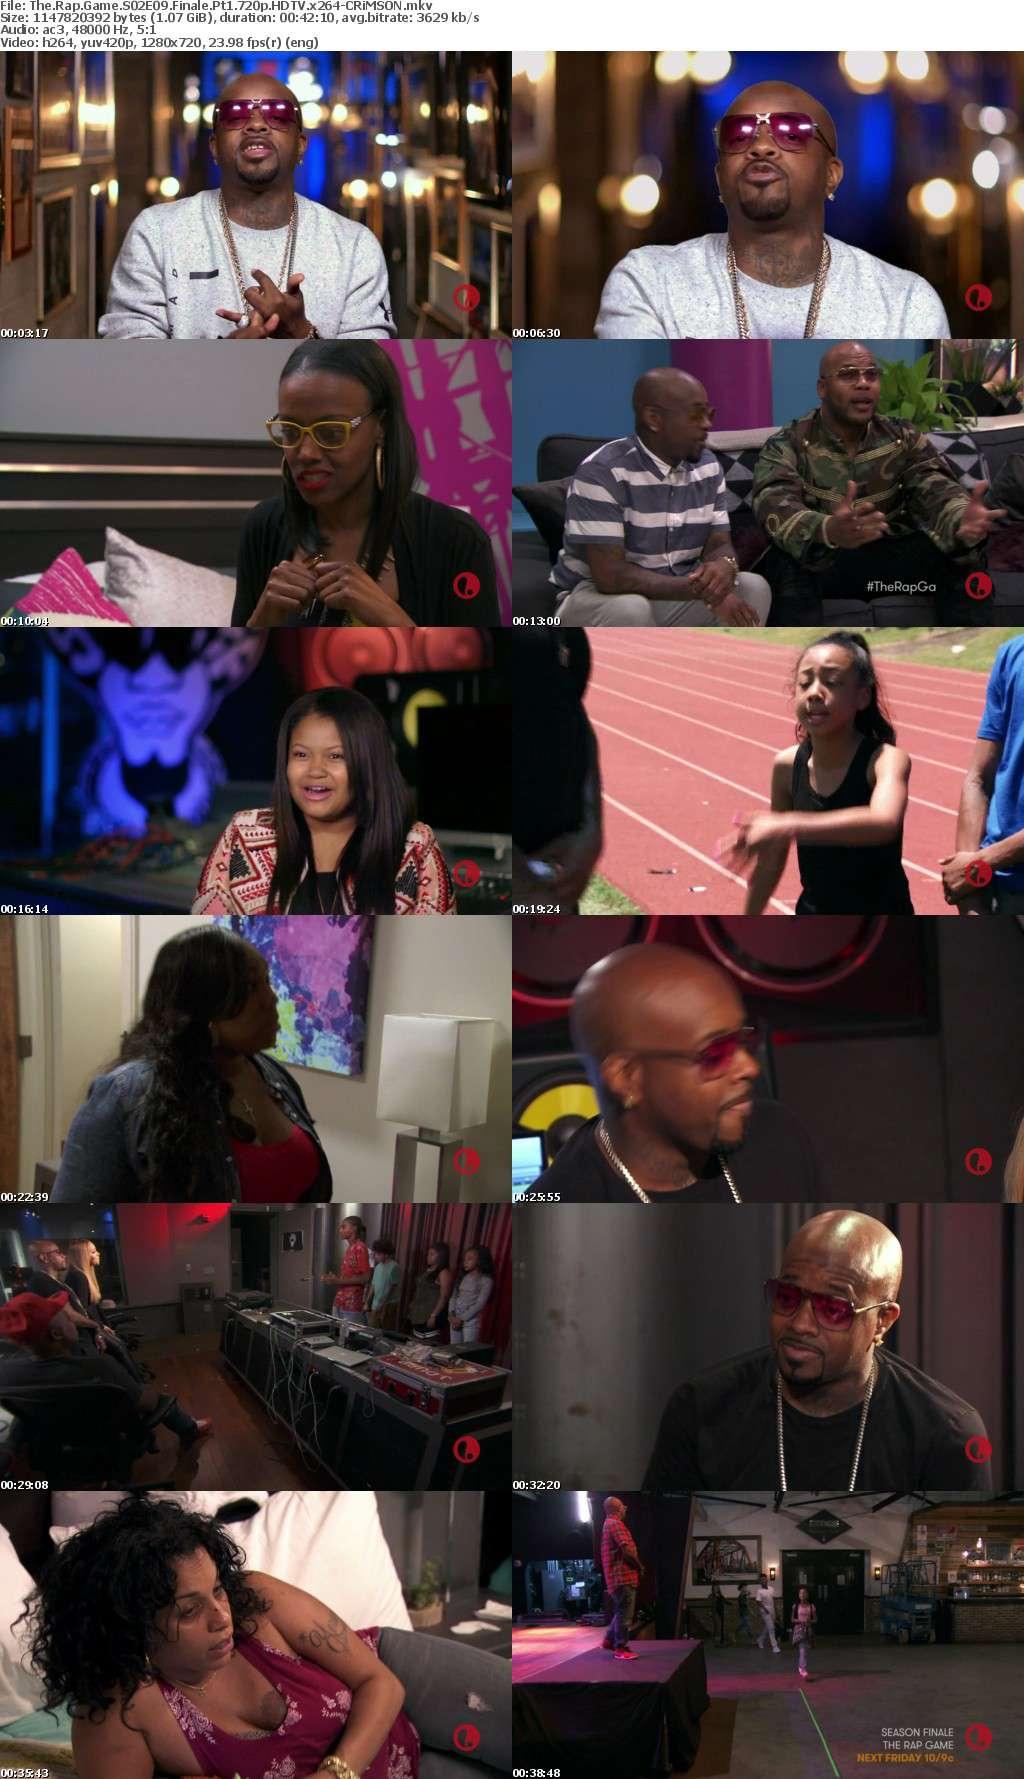 The Rap Game S02E09 Finale Pt1 720p HDTV x264-CRiMSON